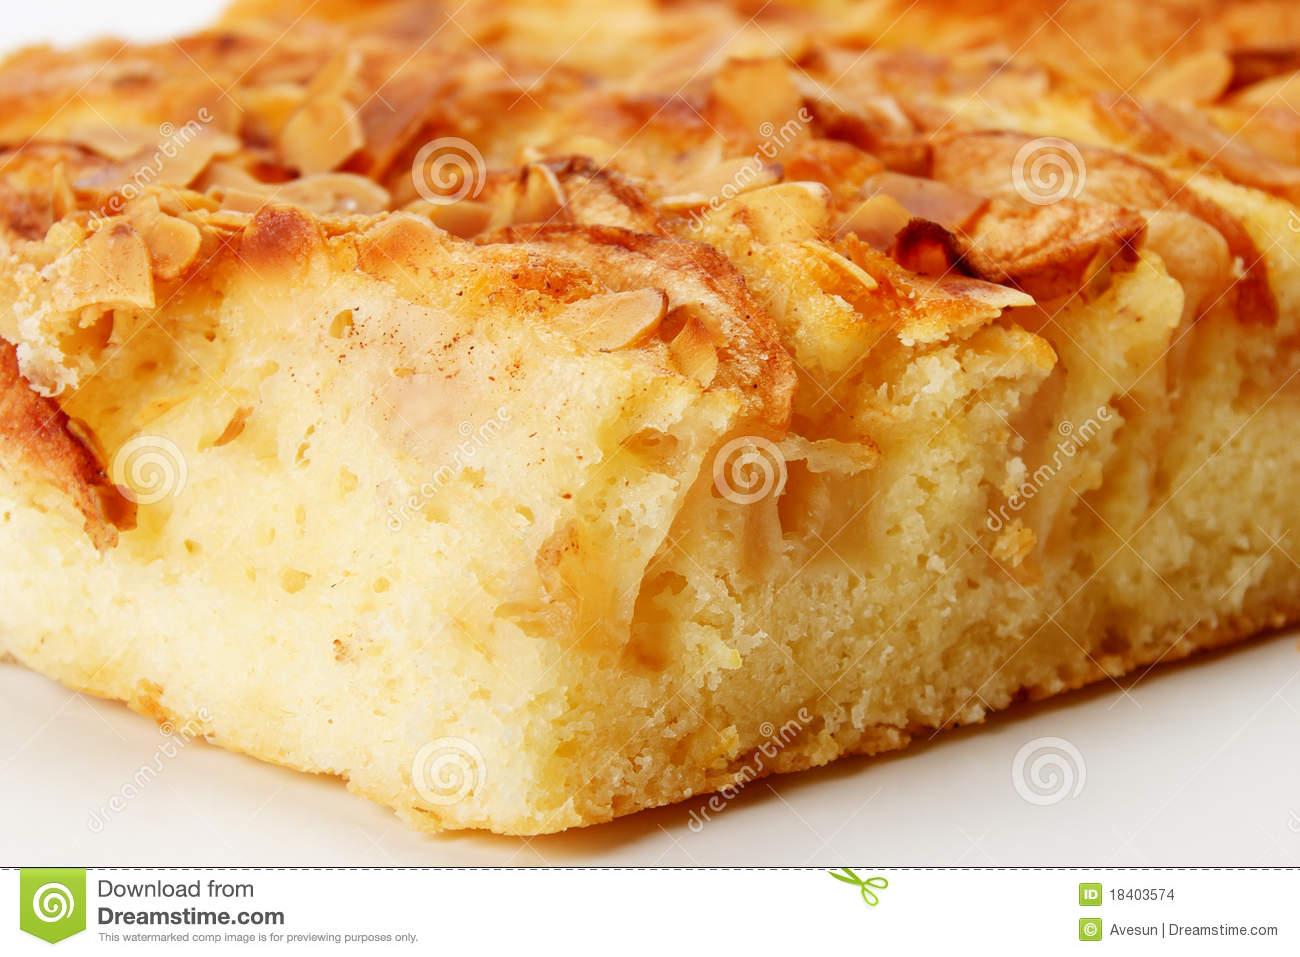 Яблочные пироги, рецепты с фото на m: 368 19